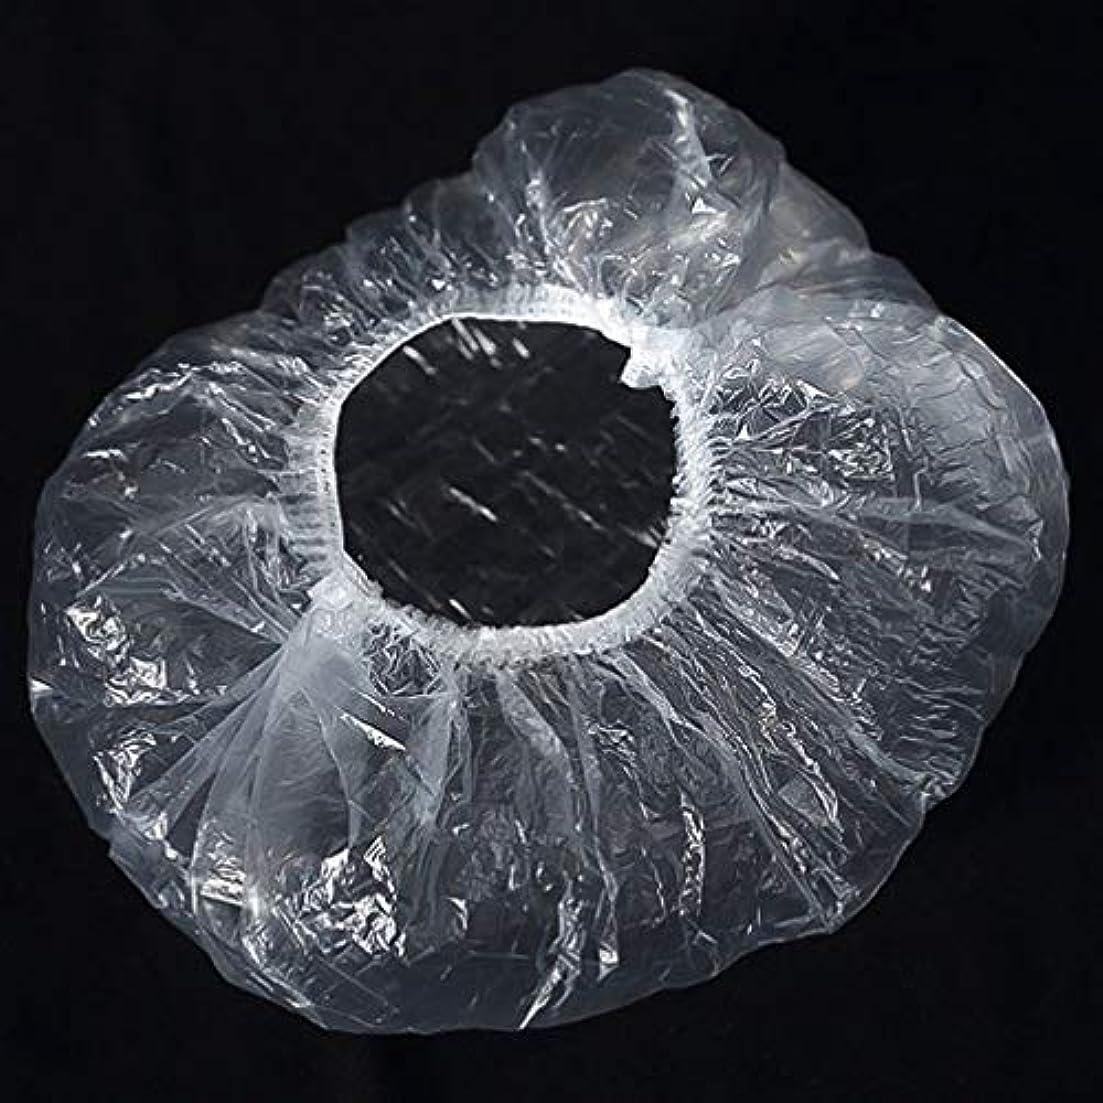 朝食を食べる緩やかなドラフトQuzama-JS 快適なシャワーキャップ、ポータブル使い捨てシャワーキャッププラスチック透明防水シャワーキャップバス(as picture)